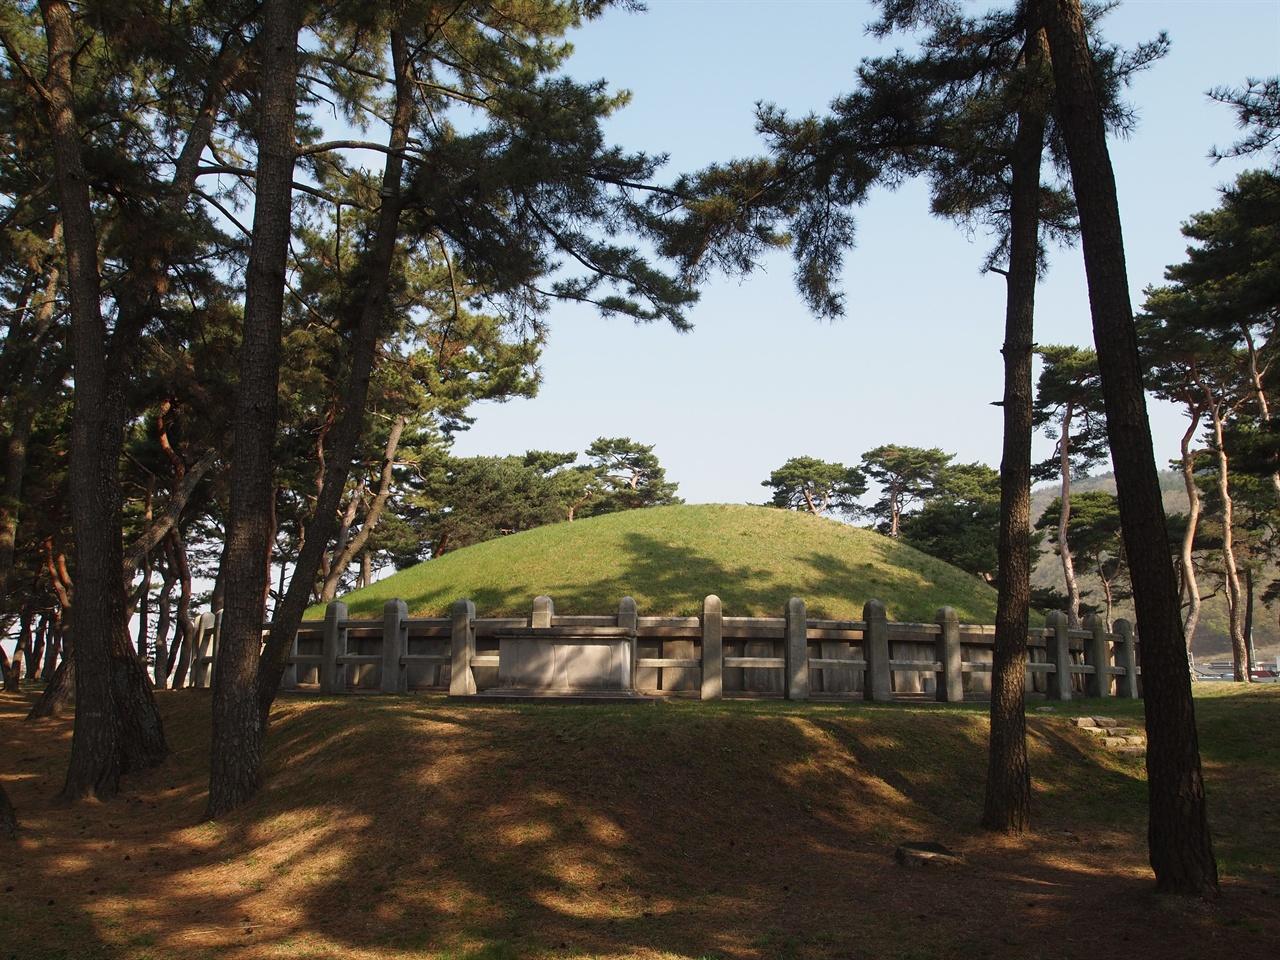 헌덕왕릉 전면에서 바라본 헌덕왕릉, 현재의 모습은 1970년대의 정비 과정을 통해 조성되었다.